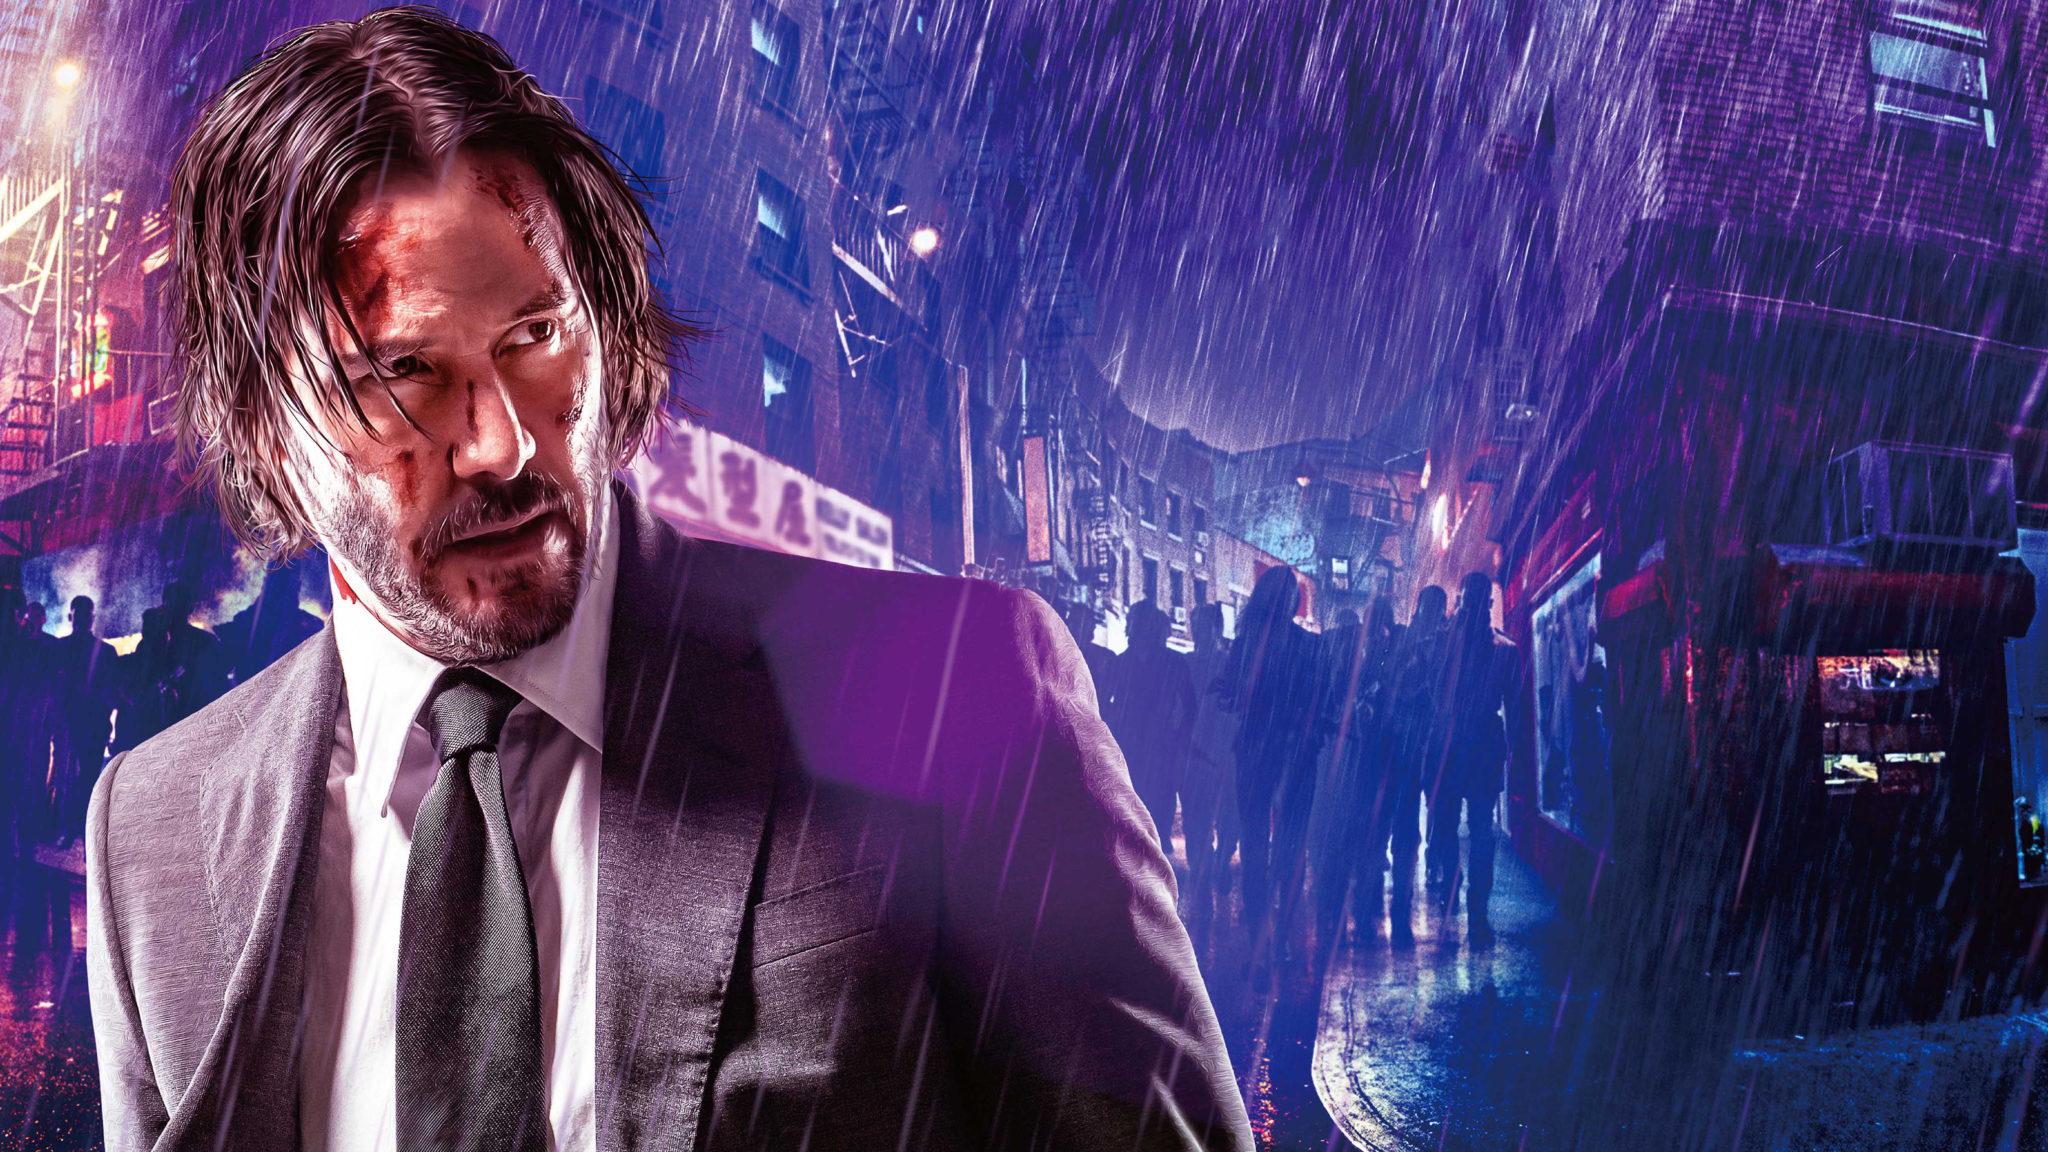 La película John Wick 5 es un hecho: capítulos 4 y 5 se rodarán de forma consecutiva en 2021.